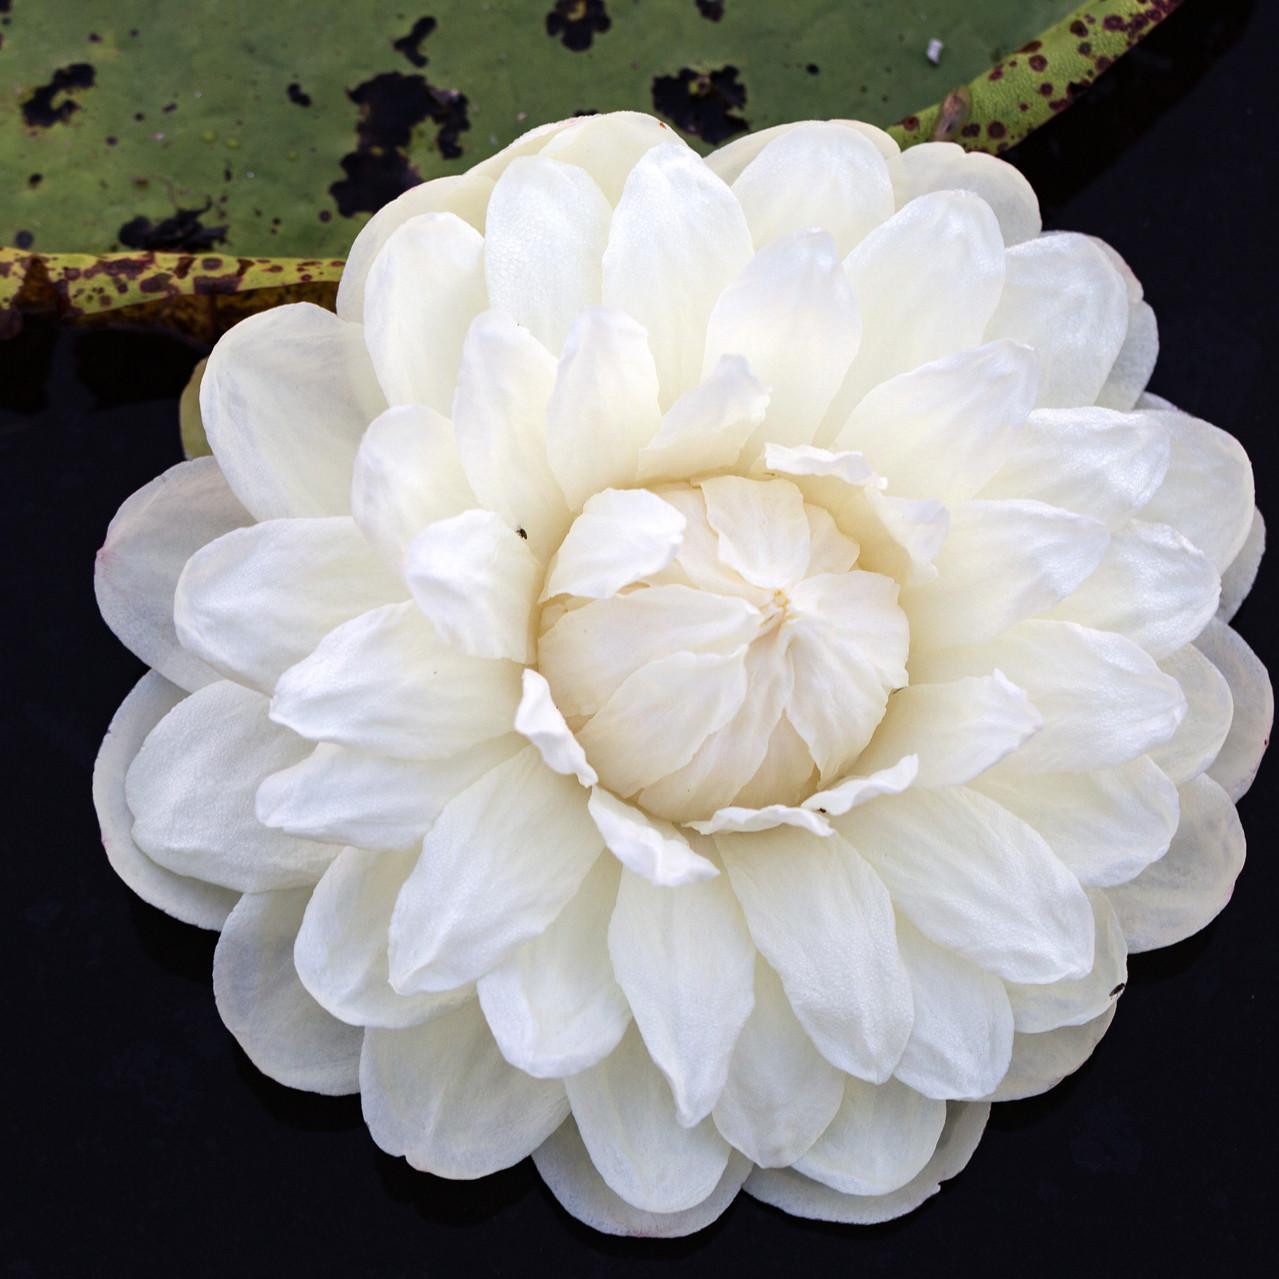 Flower female morning